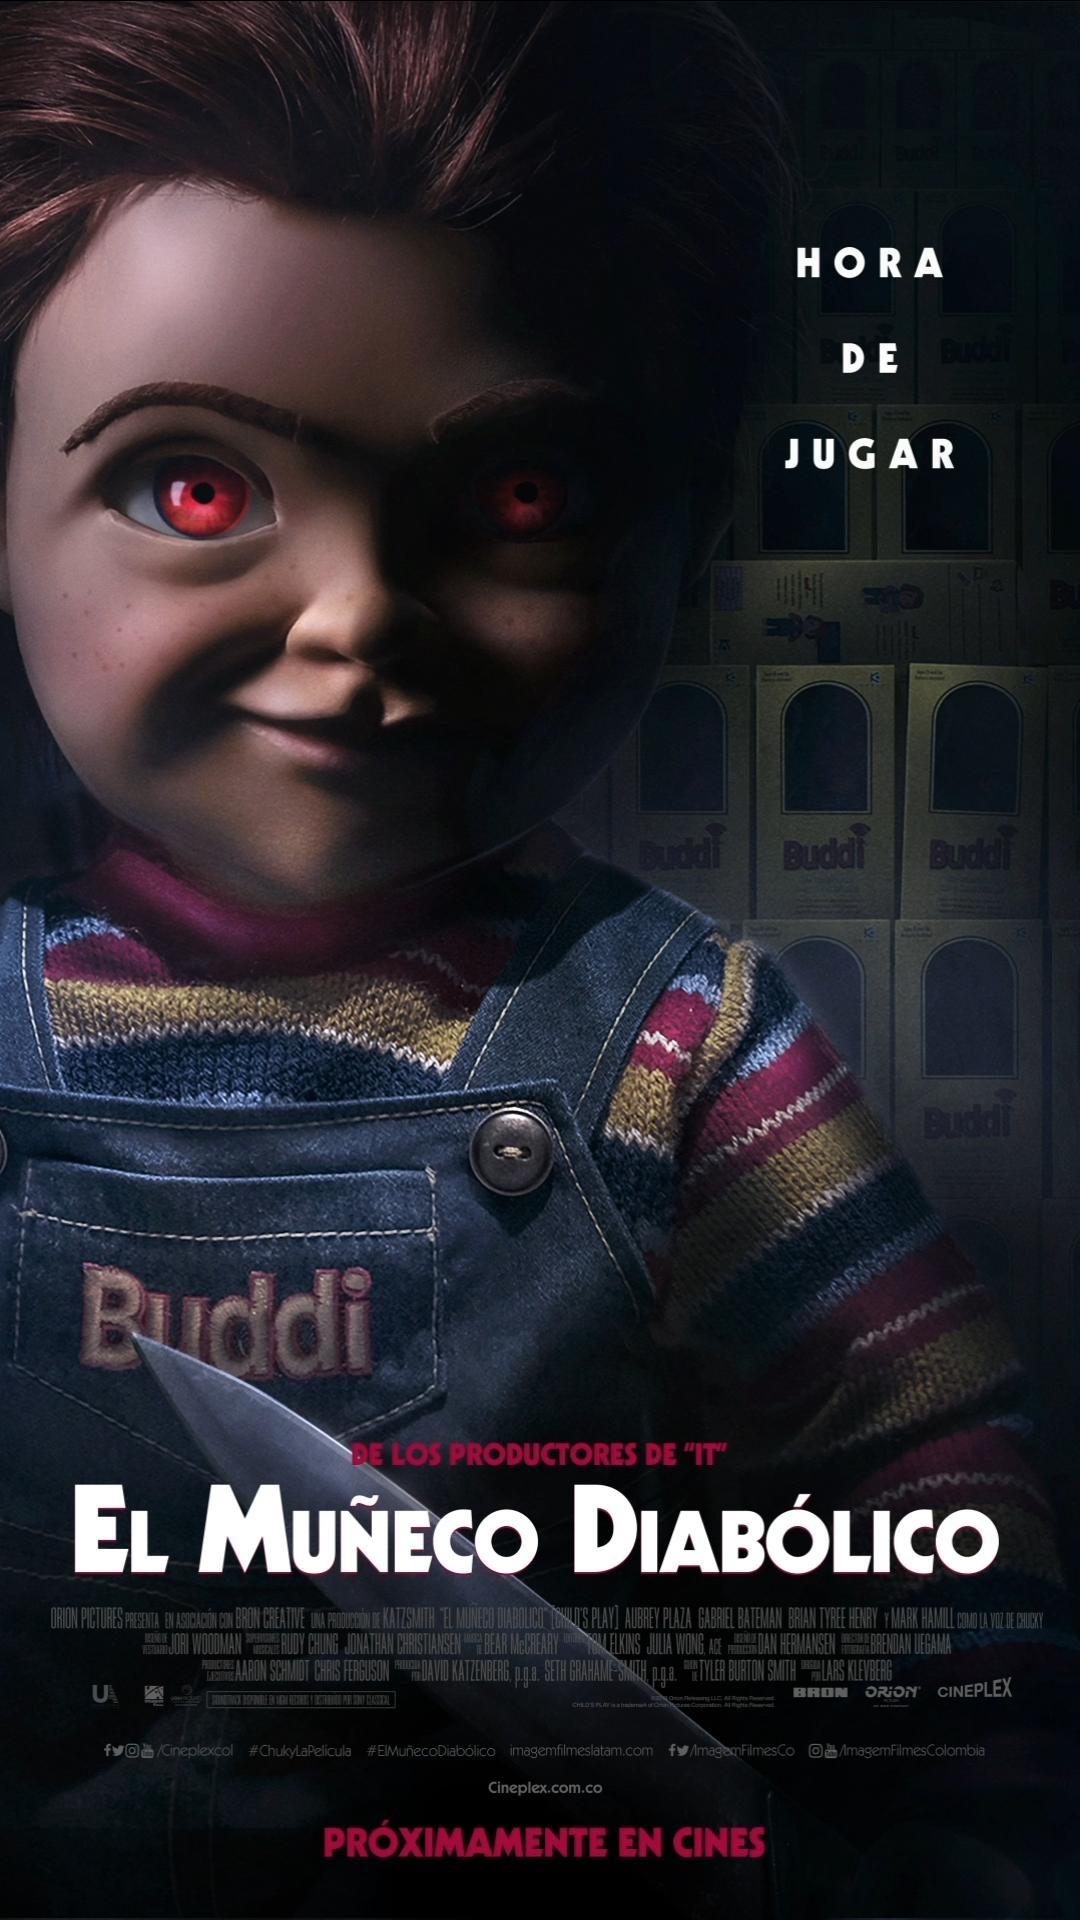 El muñeco diabólico (2019)